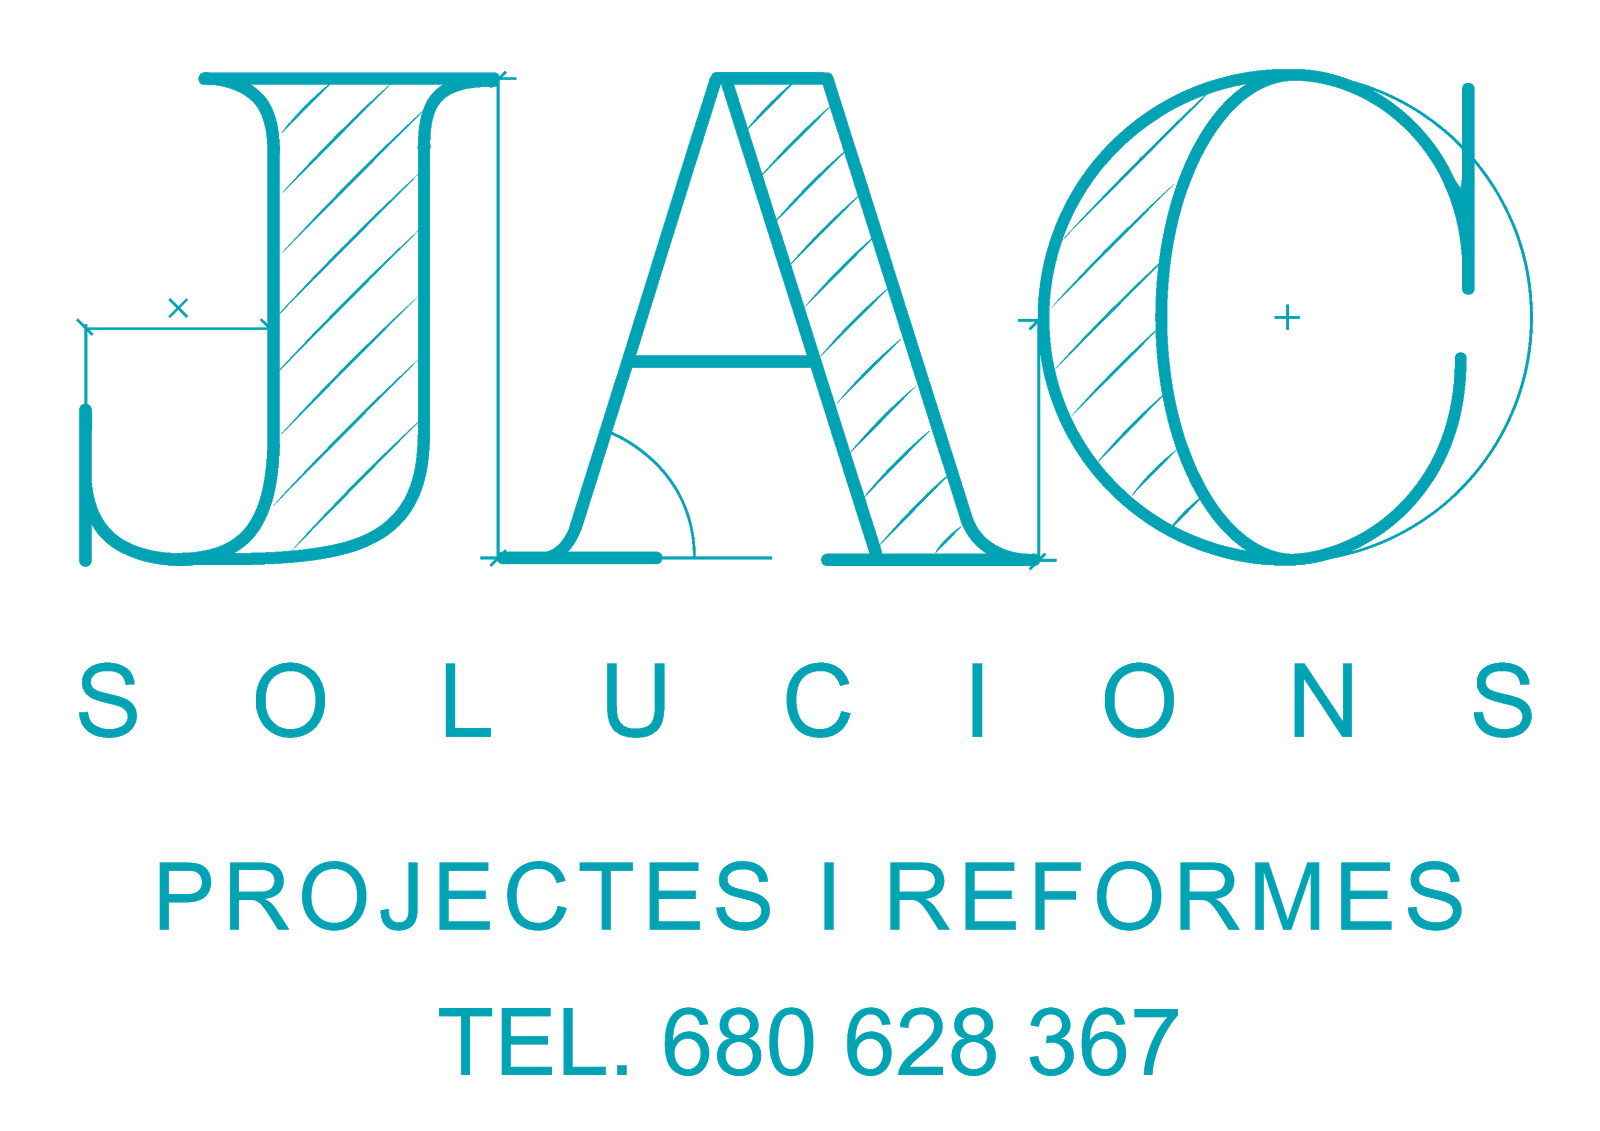 JAC Solucions